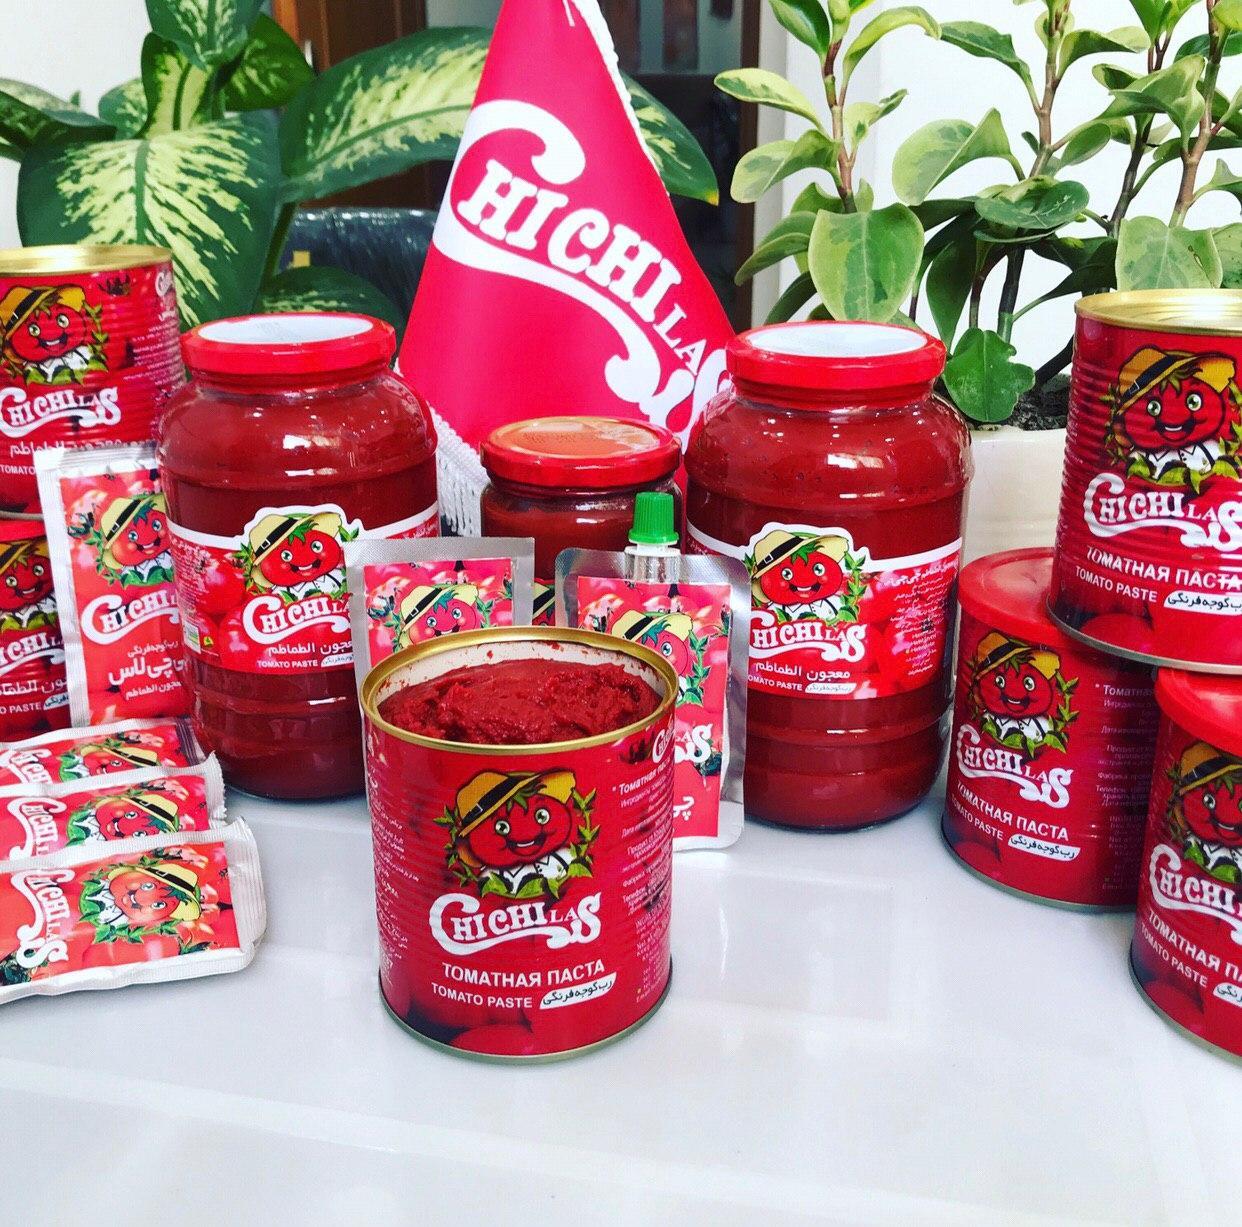 صادرات بهترین مارک رب گوجه فرنگی